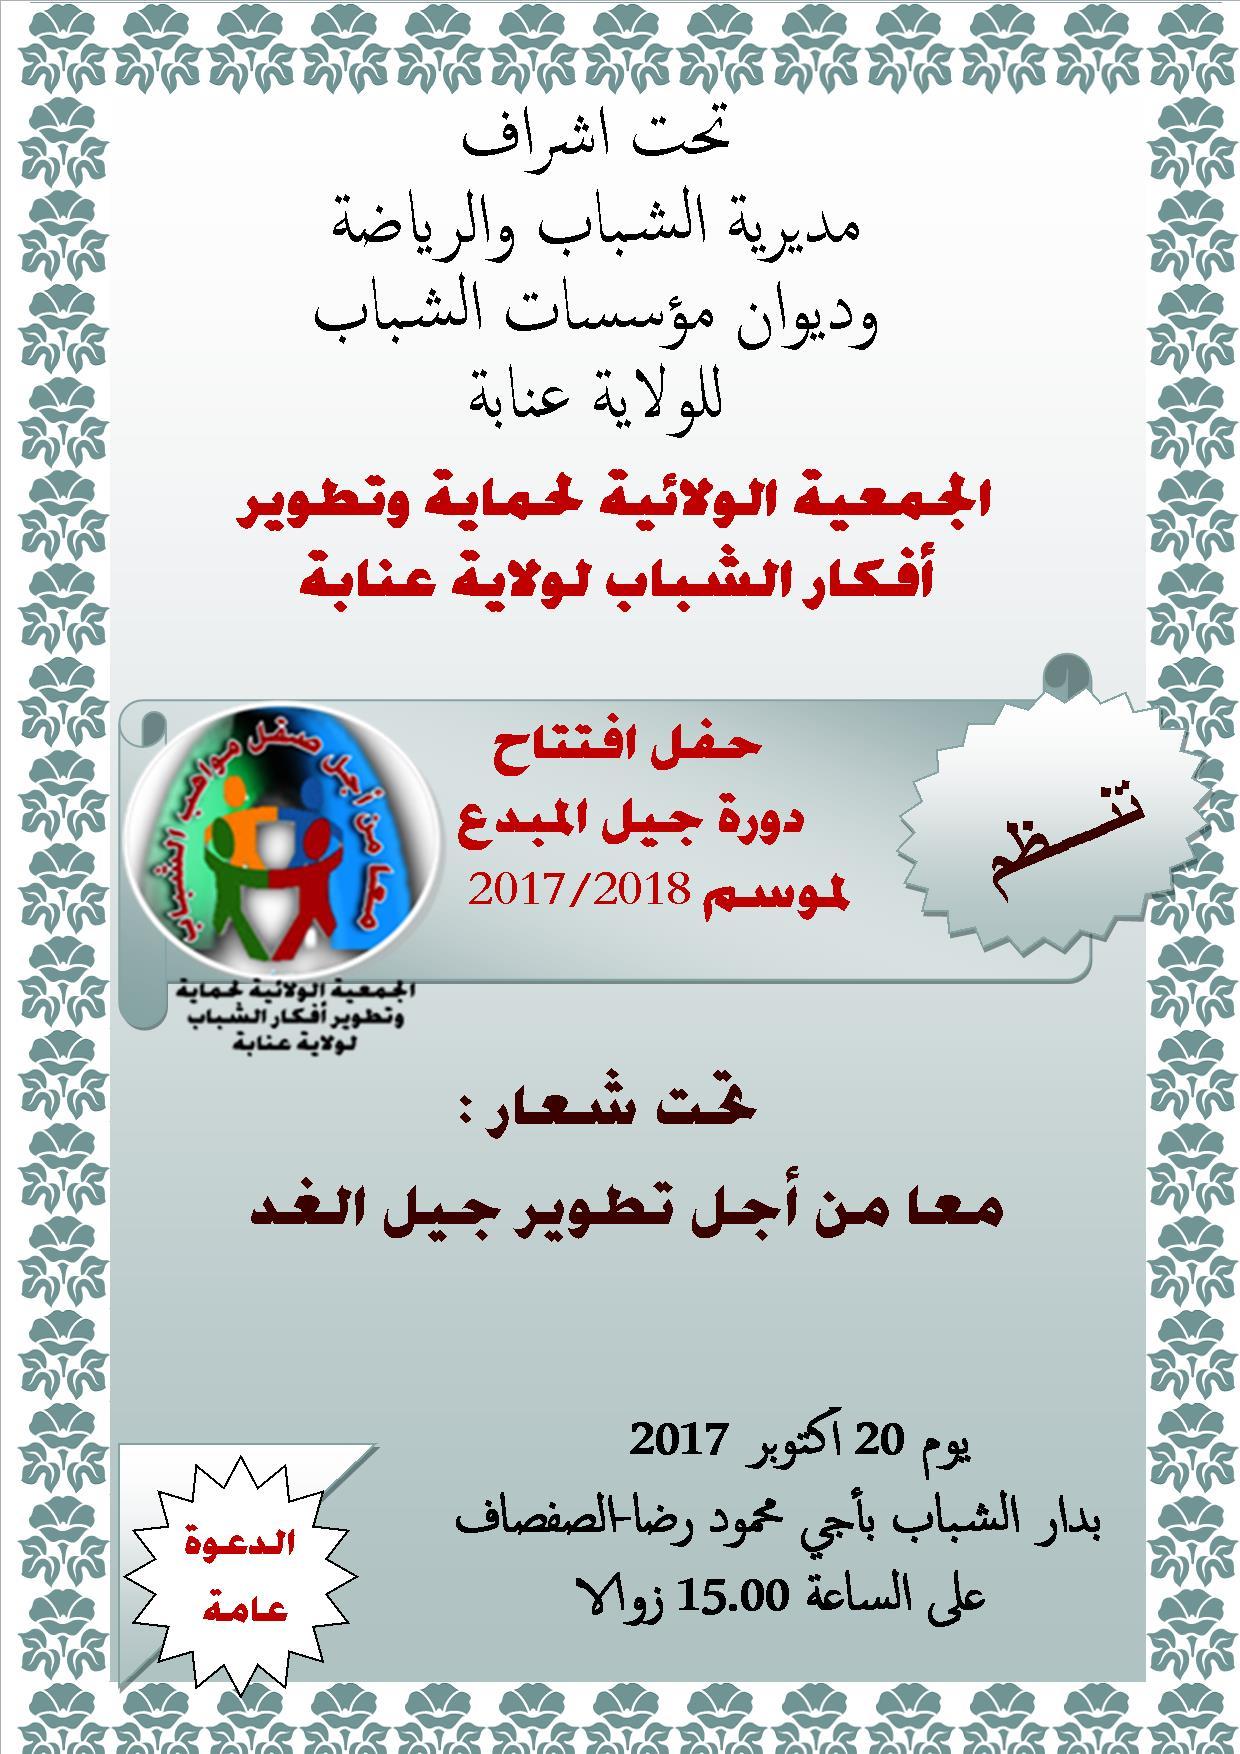 افتتاح دورة جيل المبدع للمواهب الشابة  - الجمعية الولائية لحماية وتطوير أفكار الشباب لولاية عنابة